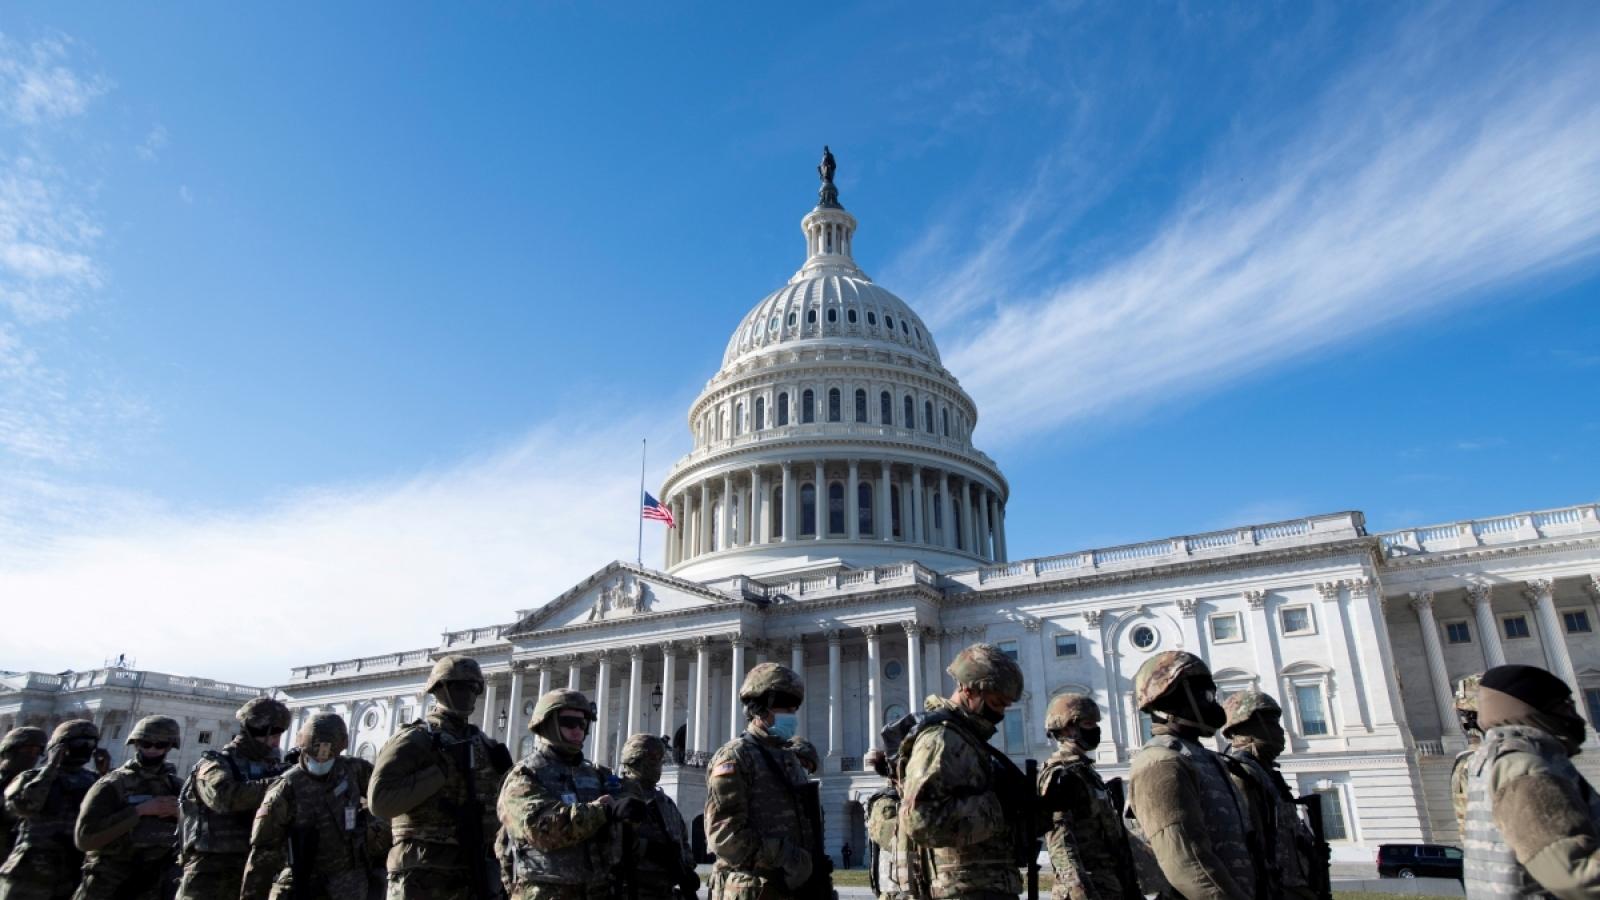 5.000 vệ binh quốc gia sẽ ở lại thủ đô Washington tới giữa tháng 3